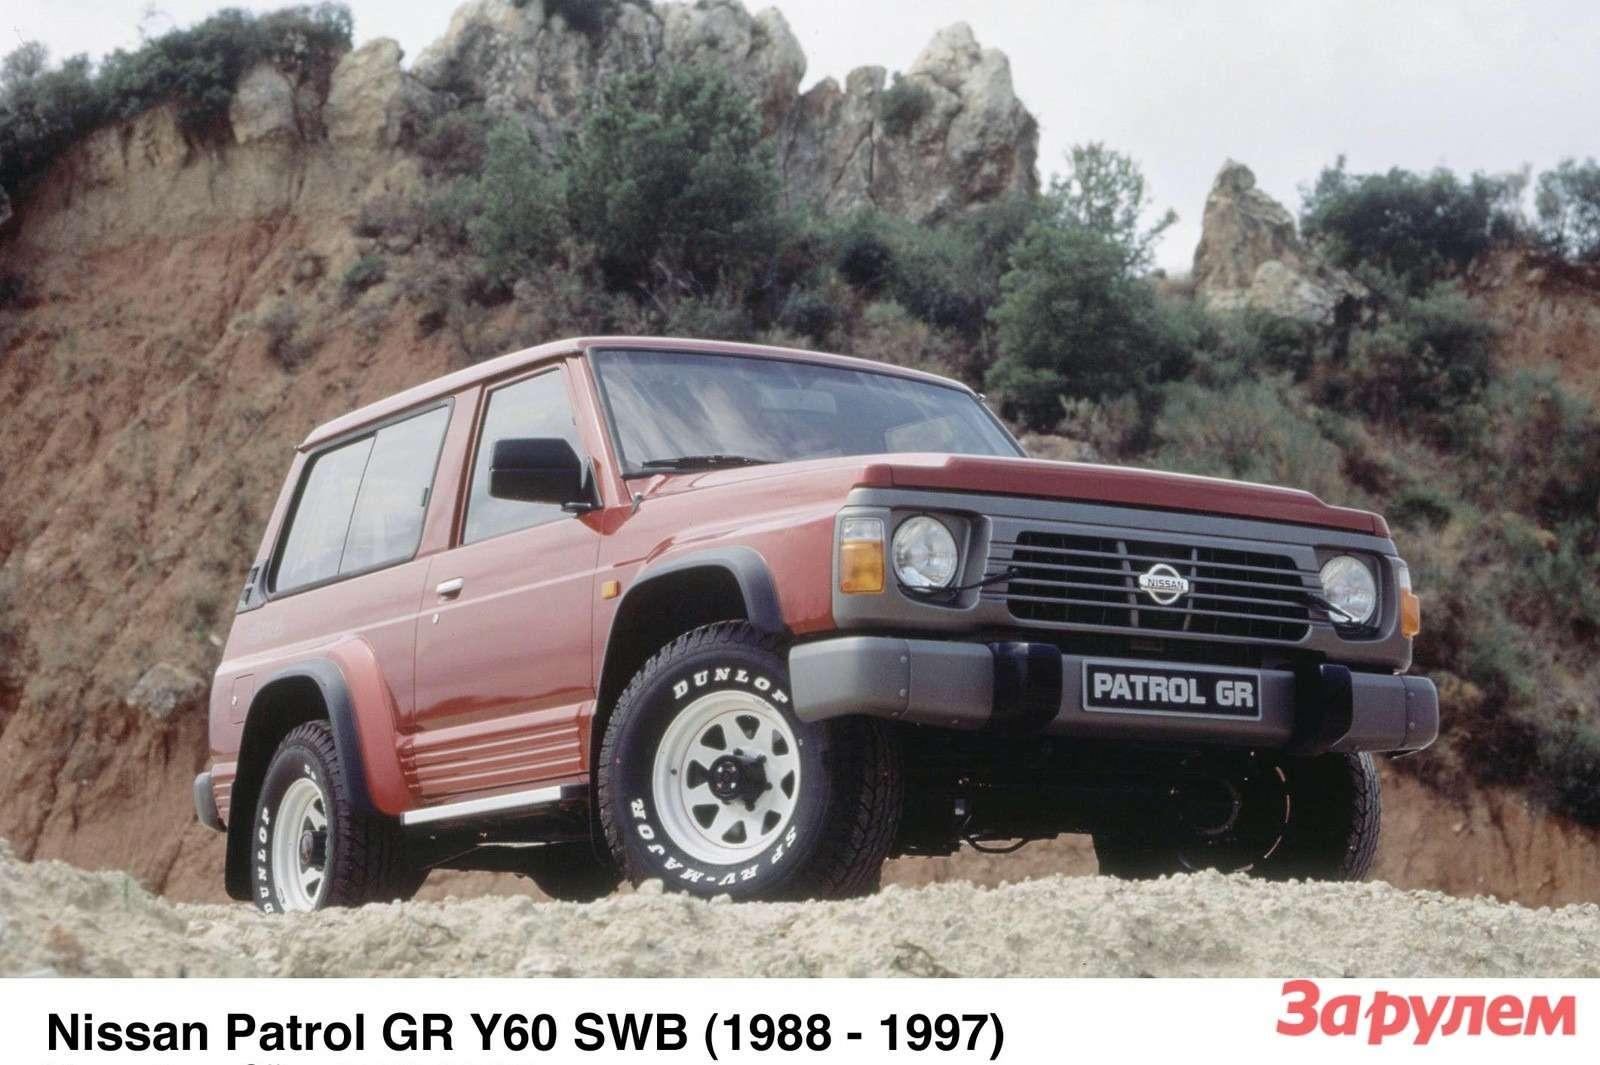 8—1988 Patrol